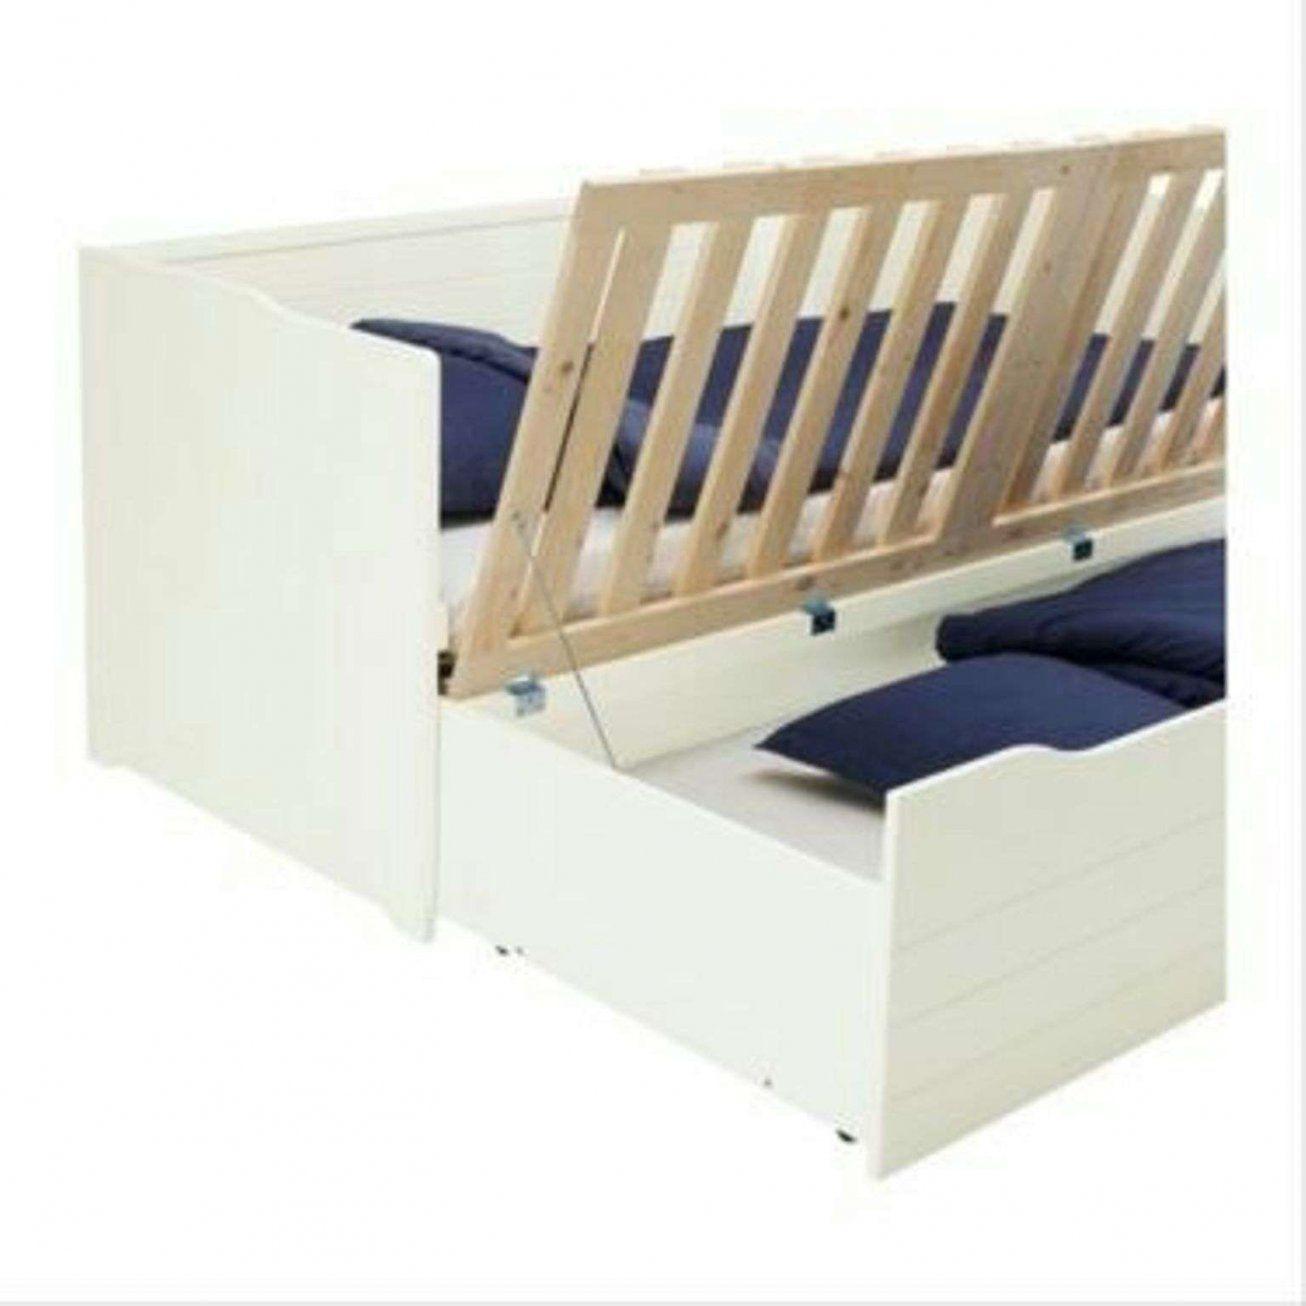 Ikea Einzelbett Mit Unterbett Design Of Bett Mit Stauraum Ikea von Ikea Einzelbett Mit Unterbett Bild